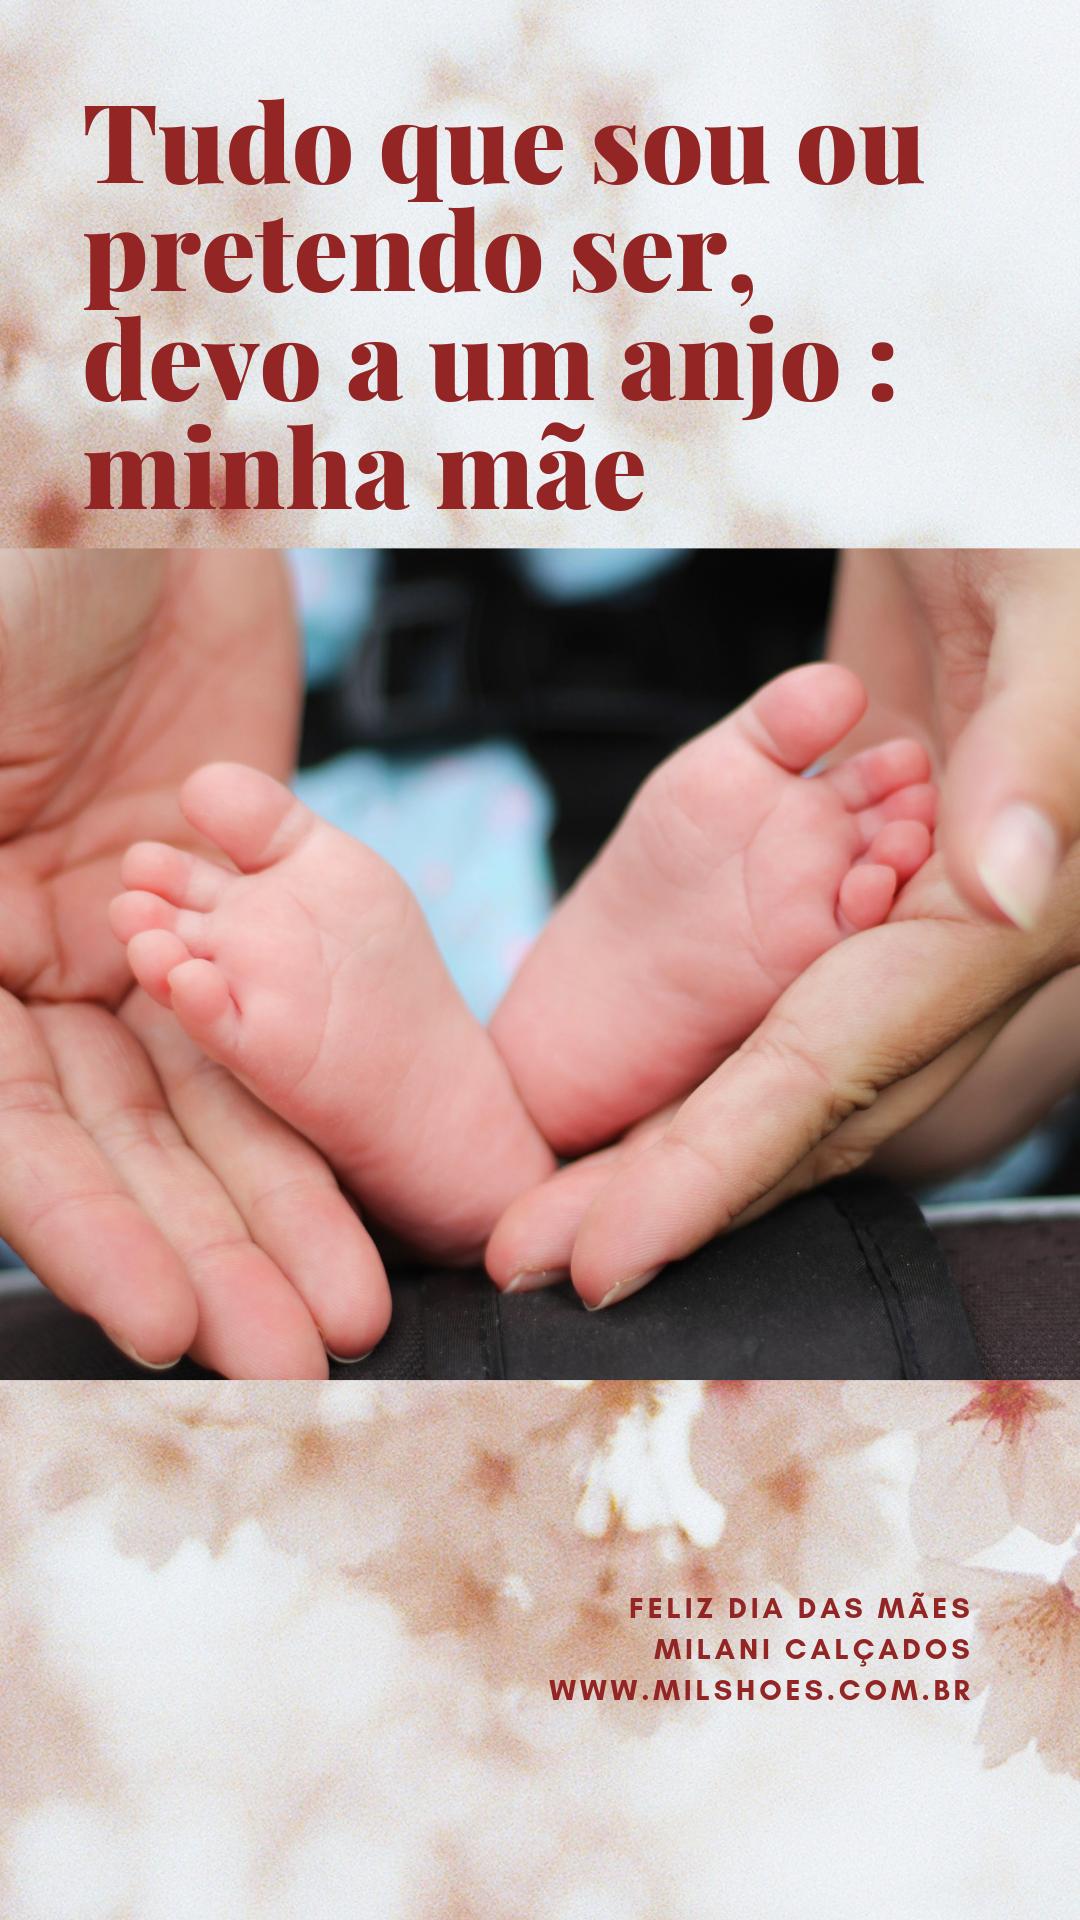 f91bbaf003 diadasmães Dia de todas as mães ! 🏢 Milani Calçados Rua Santo Amaro ...